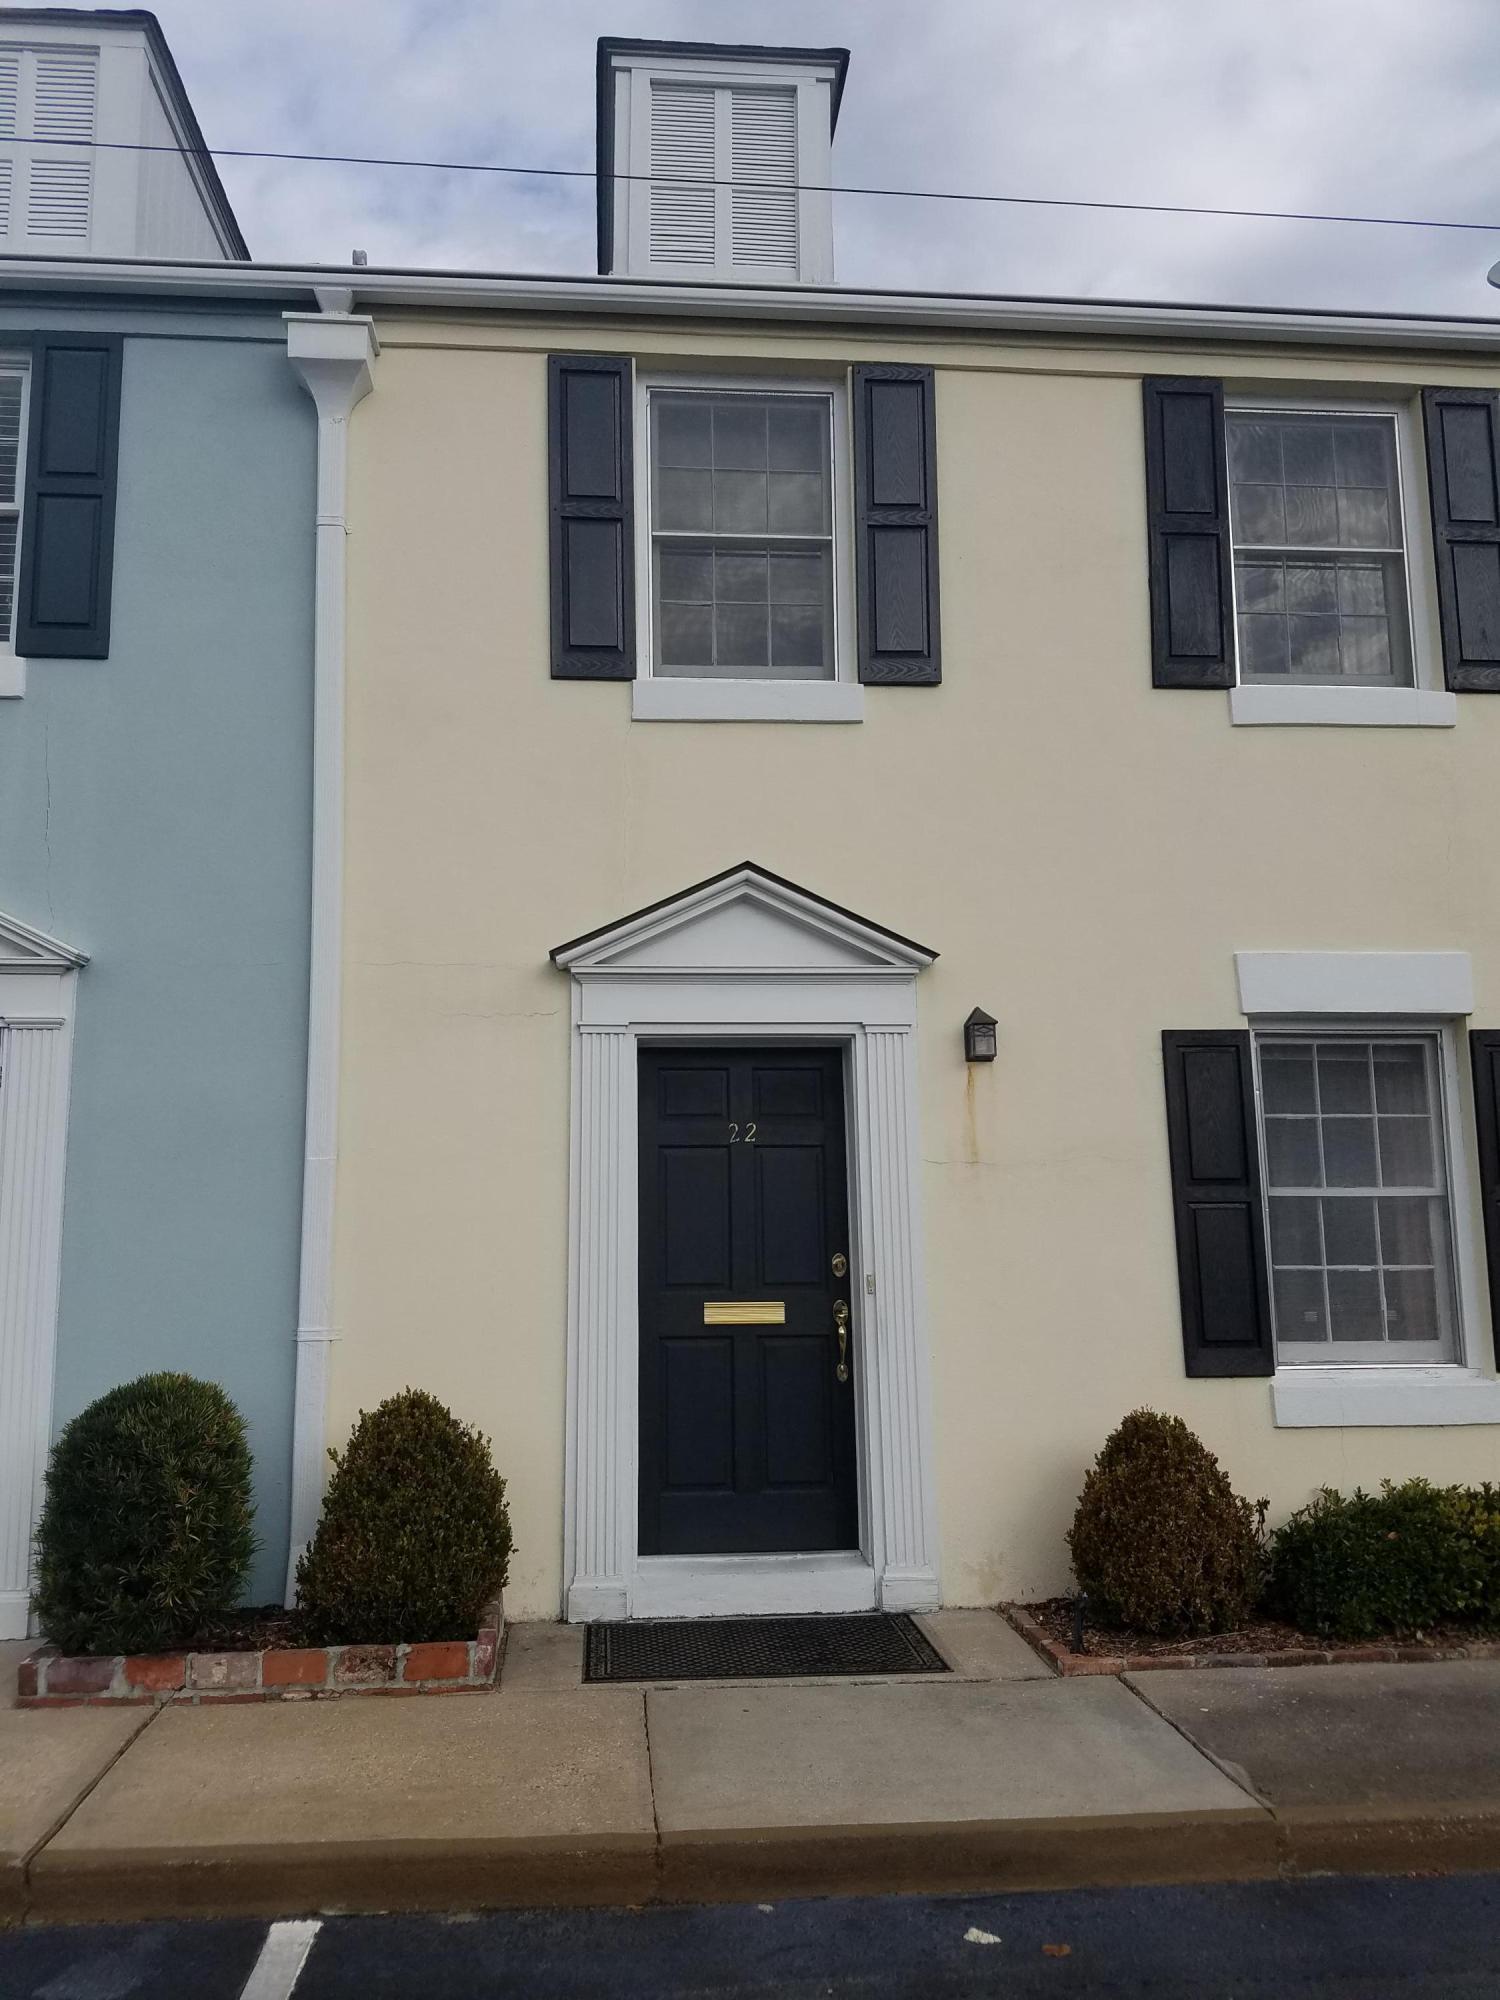 Home for sale 22 Charlestowne Court, Harleston Village, Downtown Charleston, SC